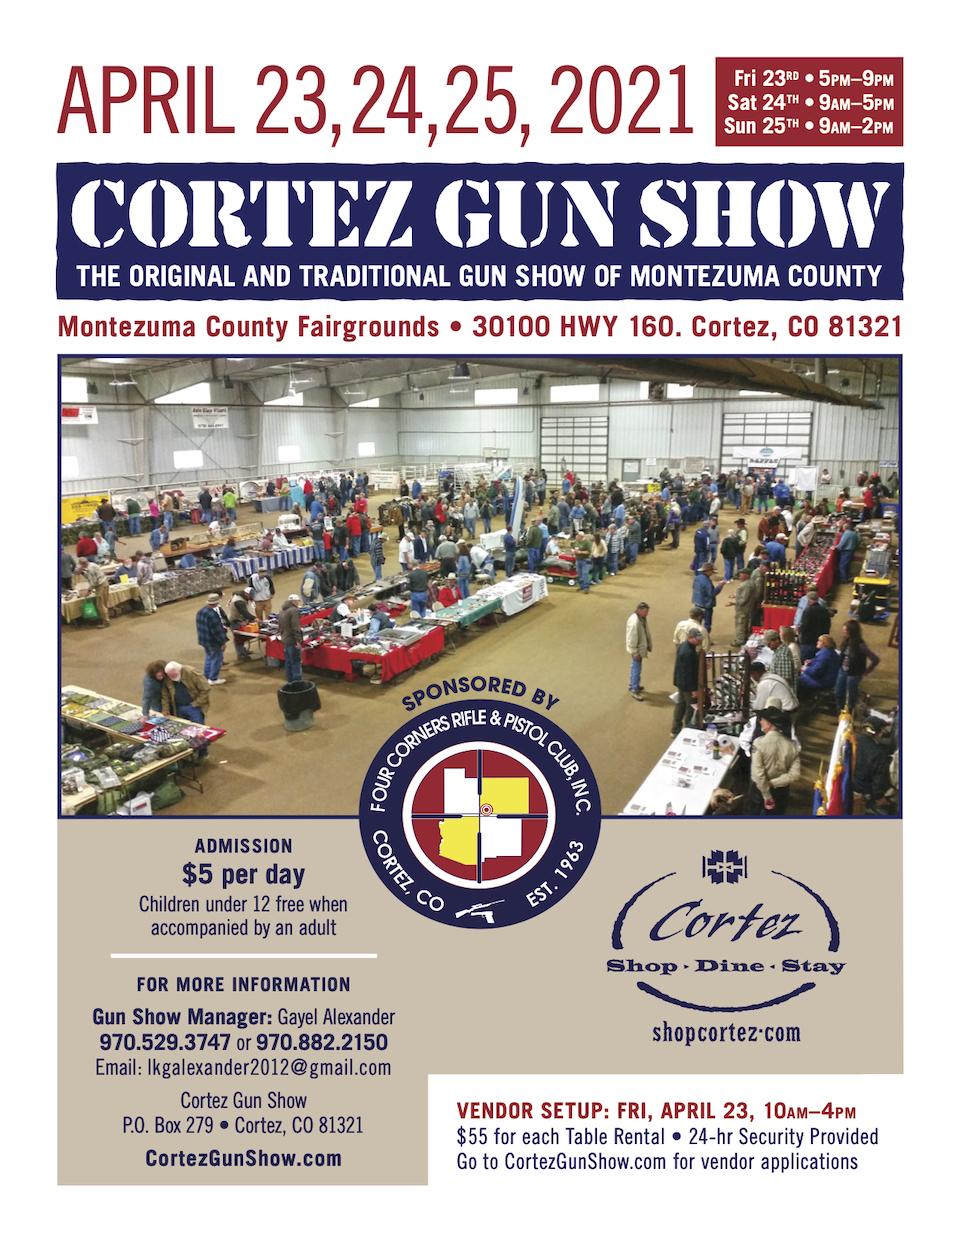 Cortez Gun Show April 23-25, 2021 flyer